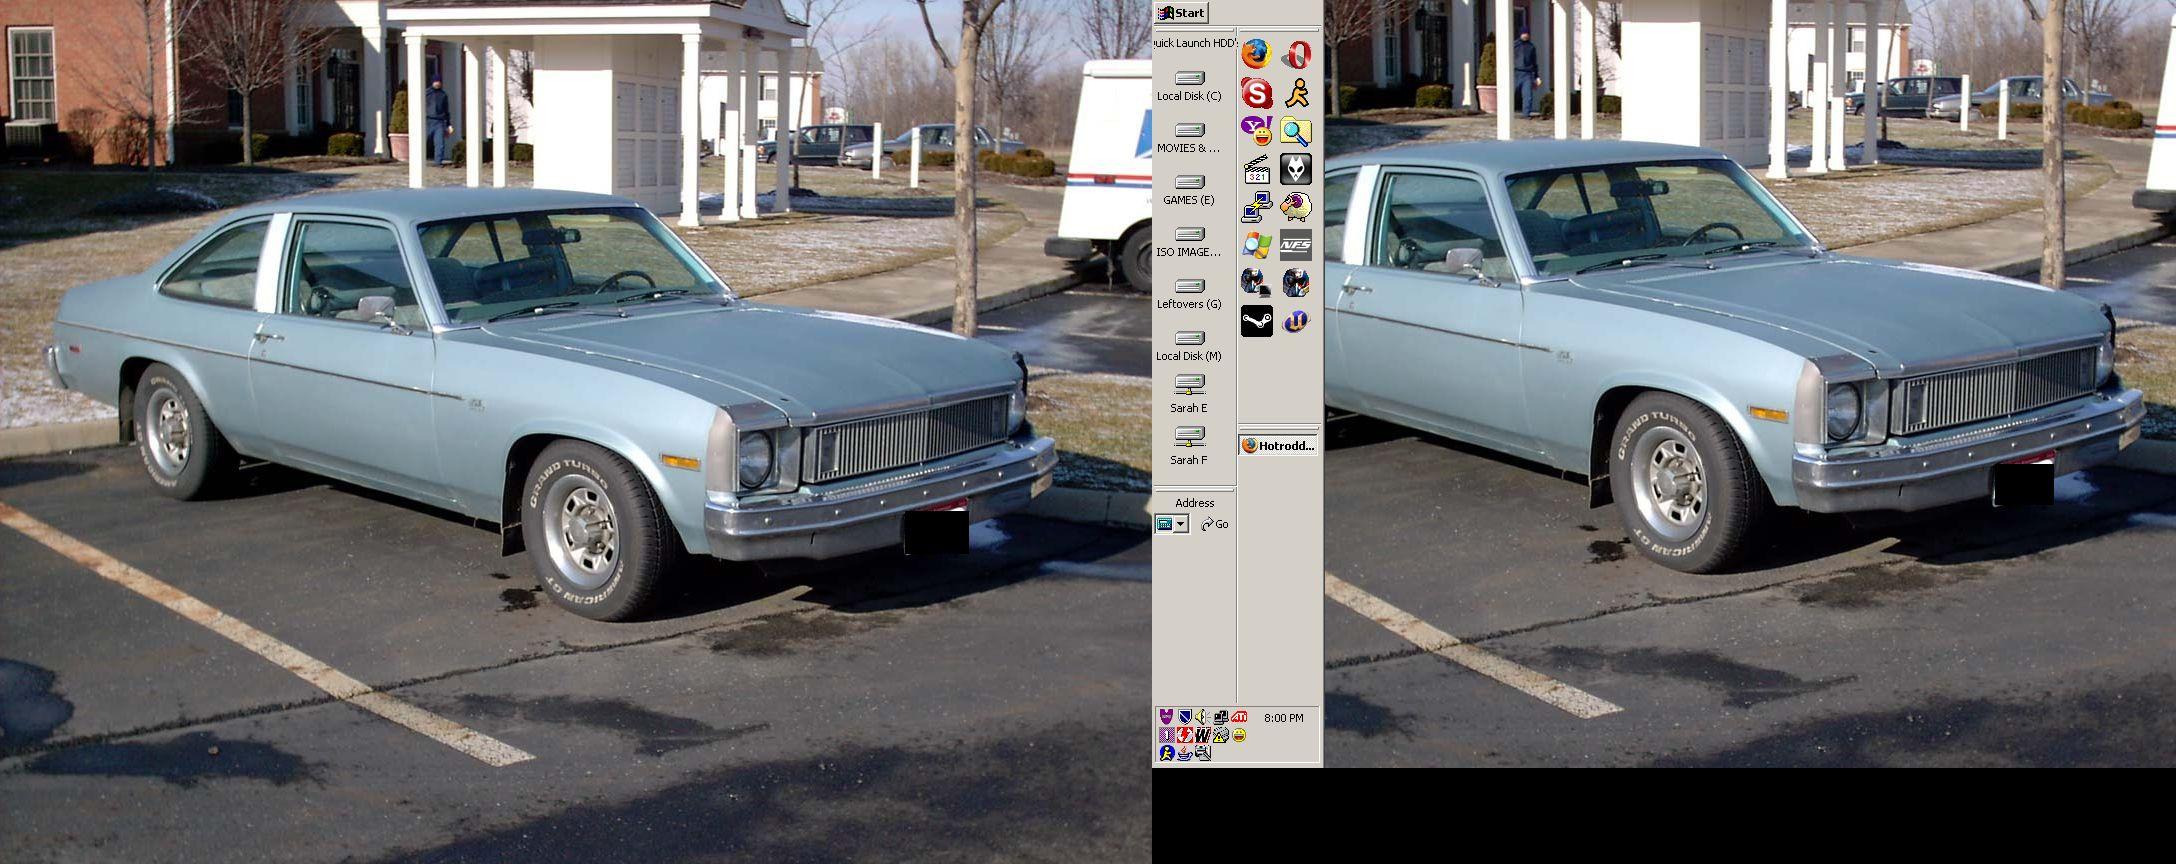 Click image for larger version  Name:desktophotrodders.jpg Views:499 Size:267.3 KB ID:4438